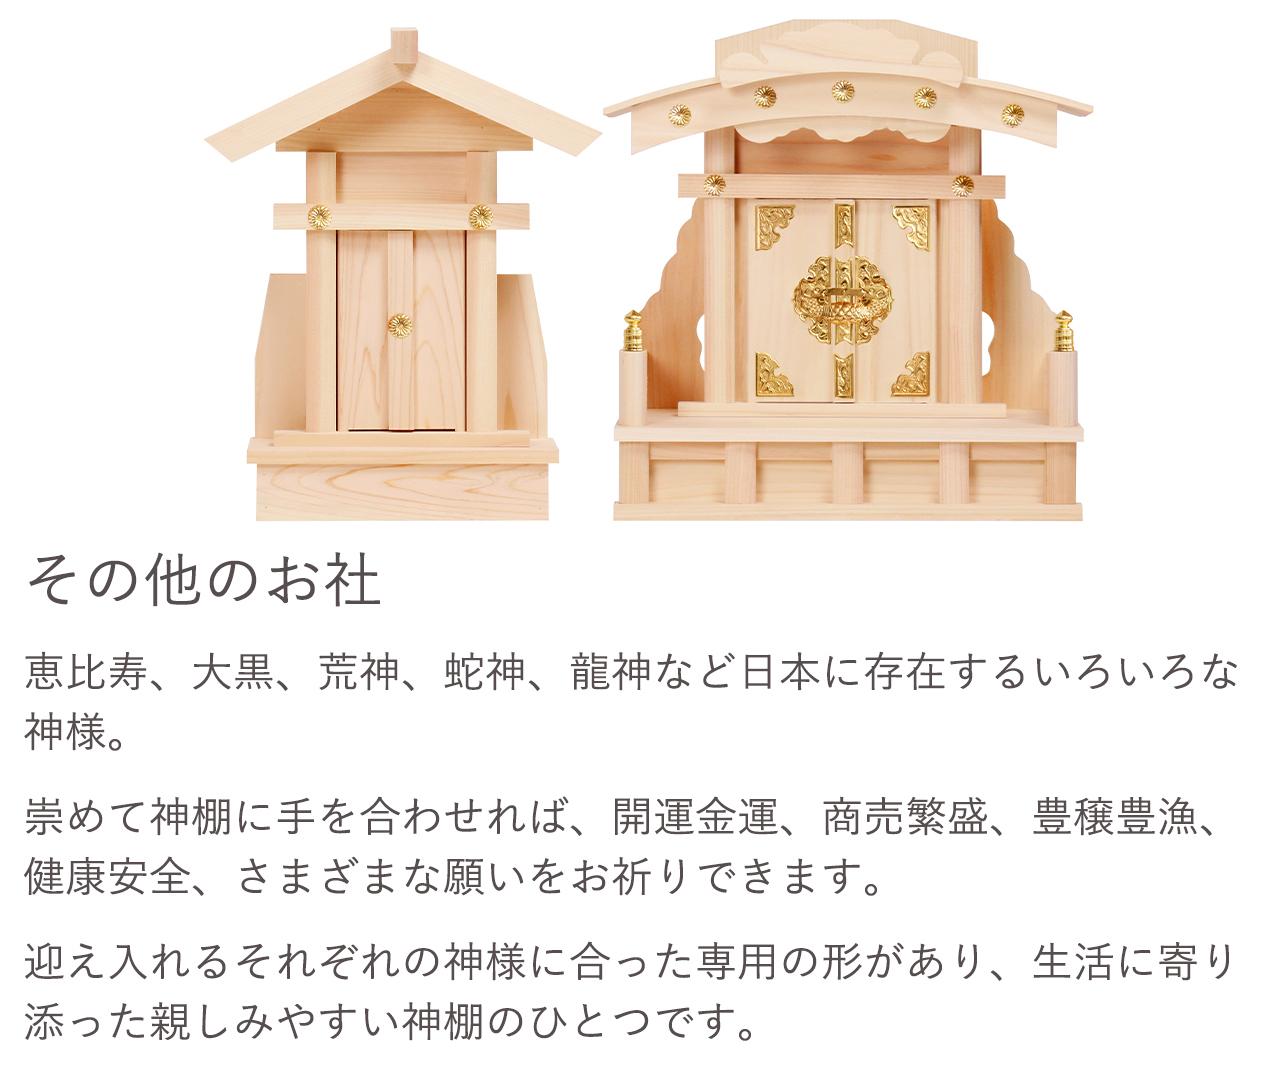 恵比寿、大黒、荒神、蛇神、龍神など日本に存在するいろいろな神様。崇めて神棚に手を合わせれば、開運金運、商売繁盛、豊壌豊漁、健康安全、さまざまな願いをお祈りできます。迎え入れるそれぞれの神様に合った専用の形があり、生活に寄り添った親しみやすい神棚のひとつです。